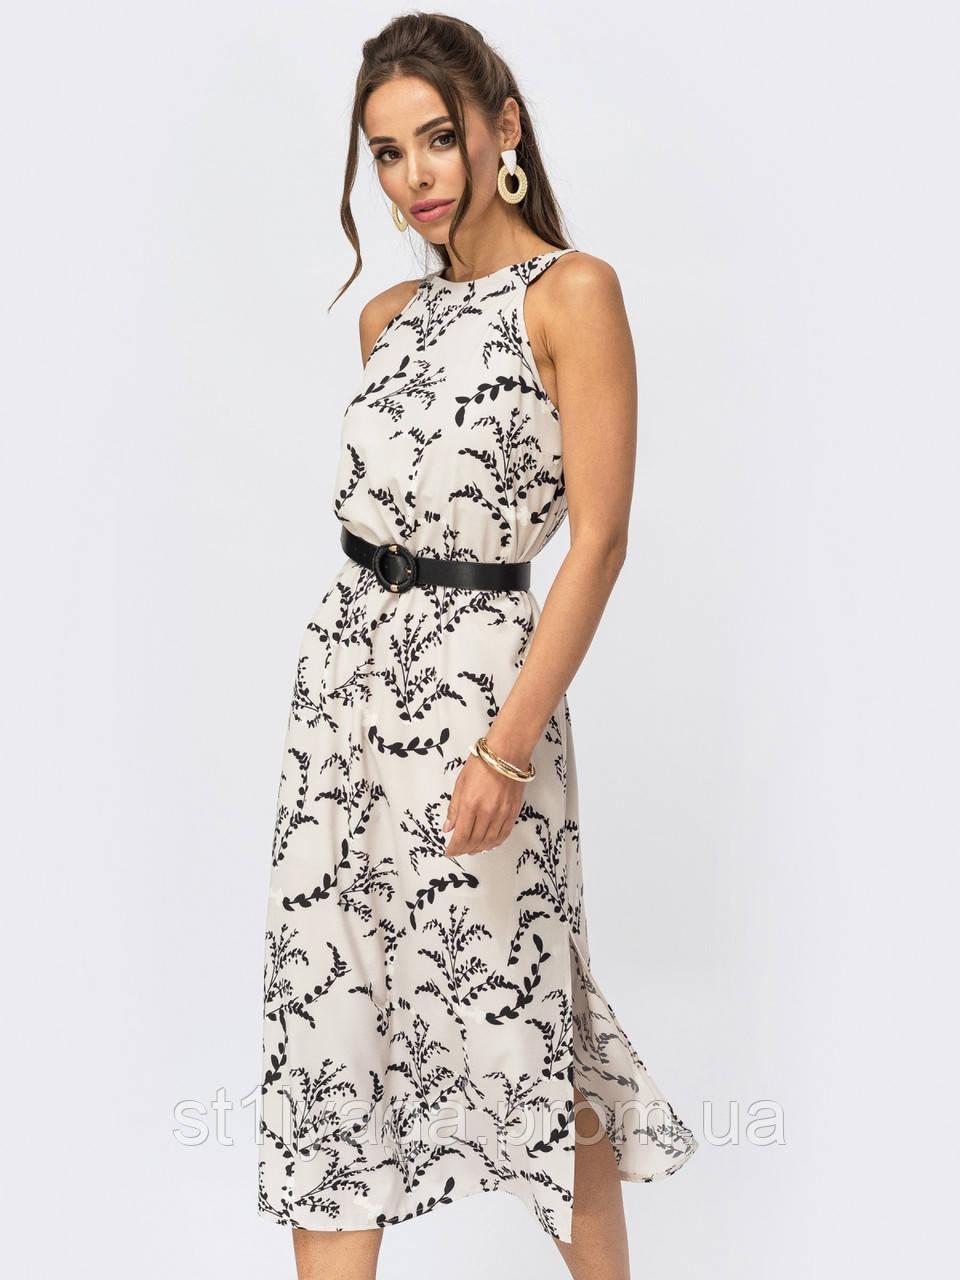 Бежевое платье-миди с принтом  ЛЕТО